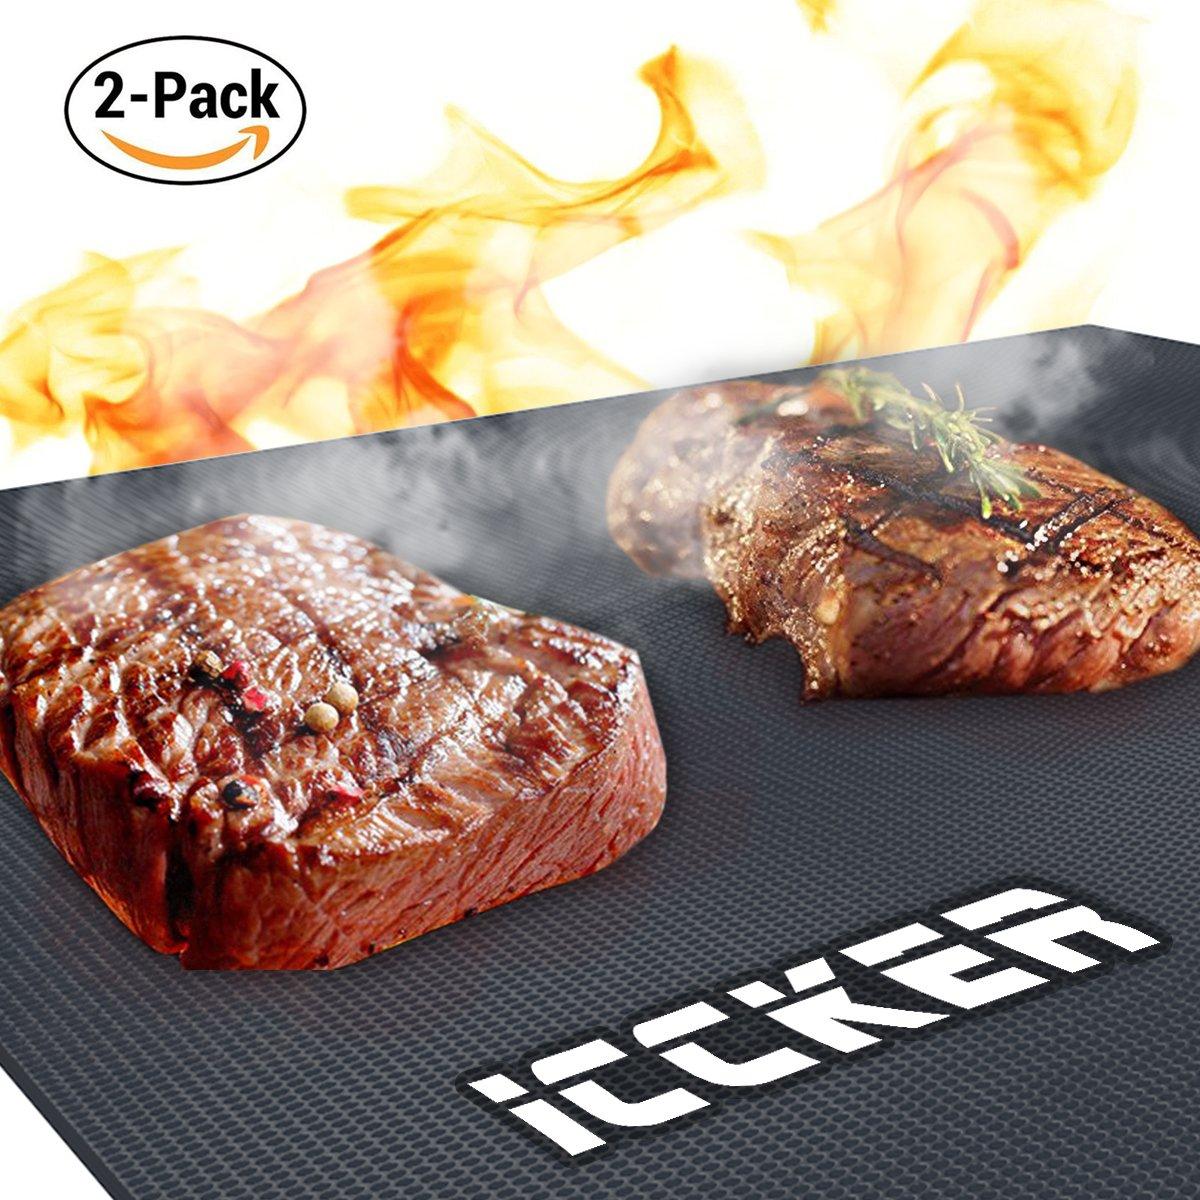 ICCKER Tappetini da Barbecue, stuoie per griglia BBQ - Antiaderenti - Non contengono PFOA - Riutilizzabile, Durevole, Fogli Resistenti al Calore per Grigliare Carne, Verdure, Frutti di Mare (2PC) PGGRGM00001012